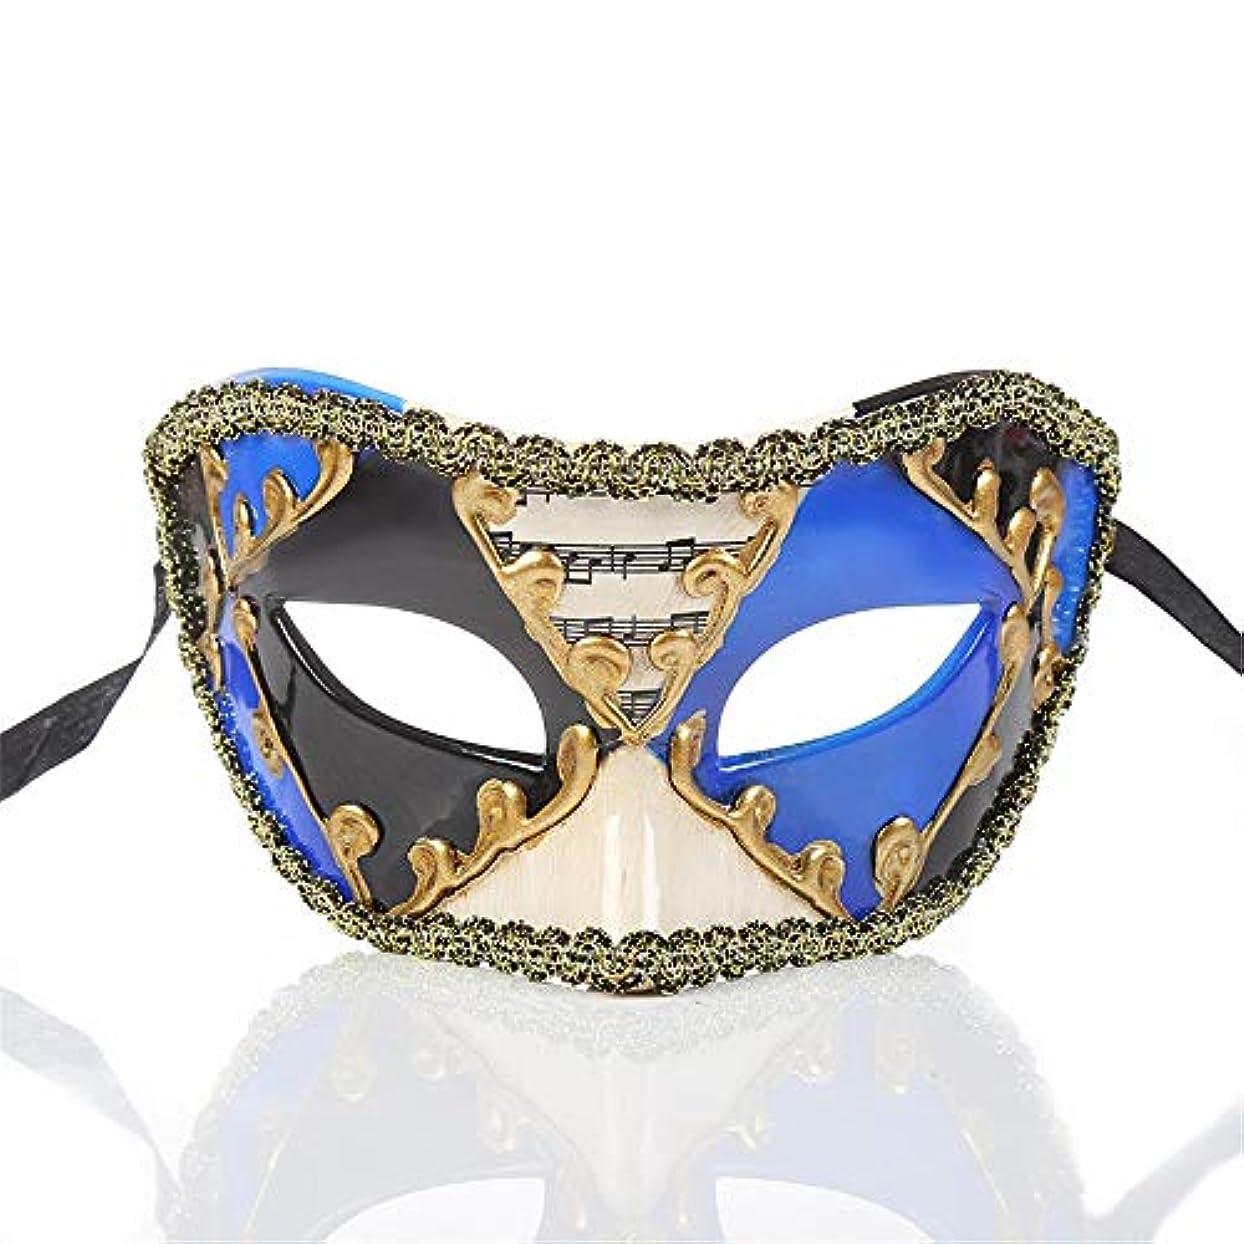 く冷淡な勝つダンスマスク ヴィンテージクラシックハーフフェイスクラウンミュージカルノート装飾マスクフェスティバルロールプレイングプラスチックマスク ホリデーパーティー用品 (色 : 青, サイズ : 16.5x8cm)